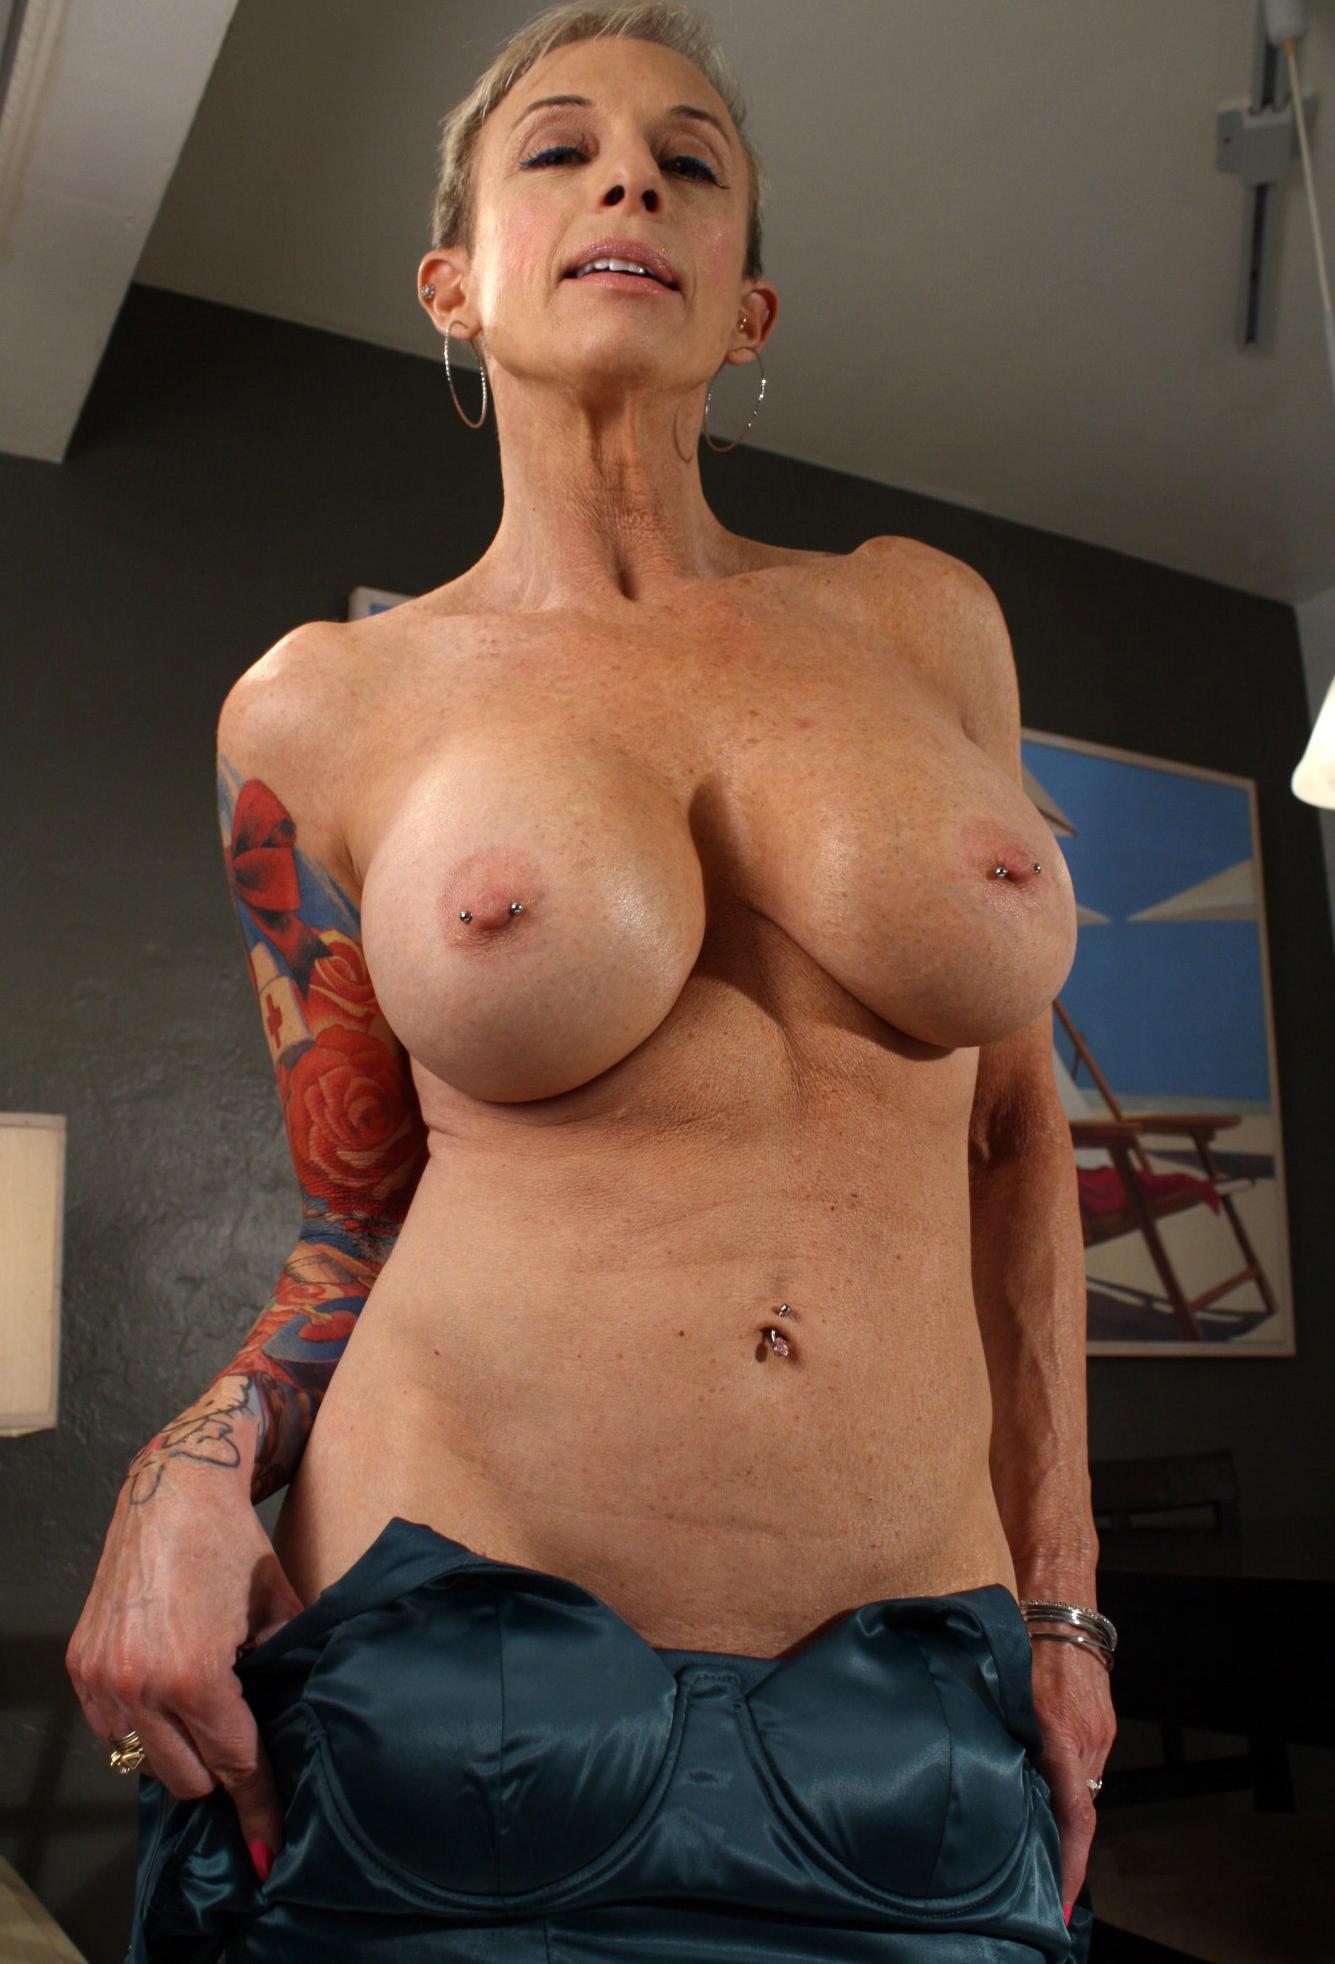 Sexy women with tattos